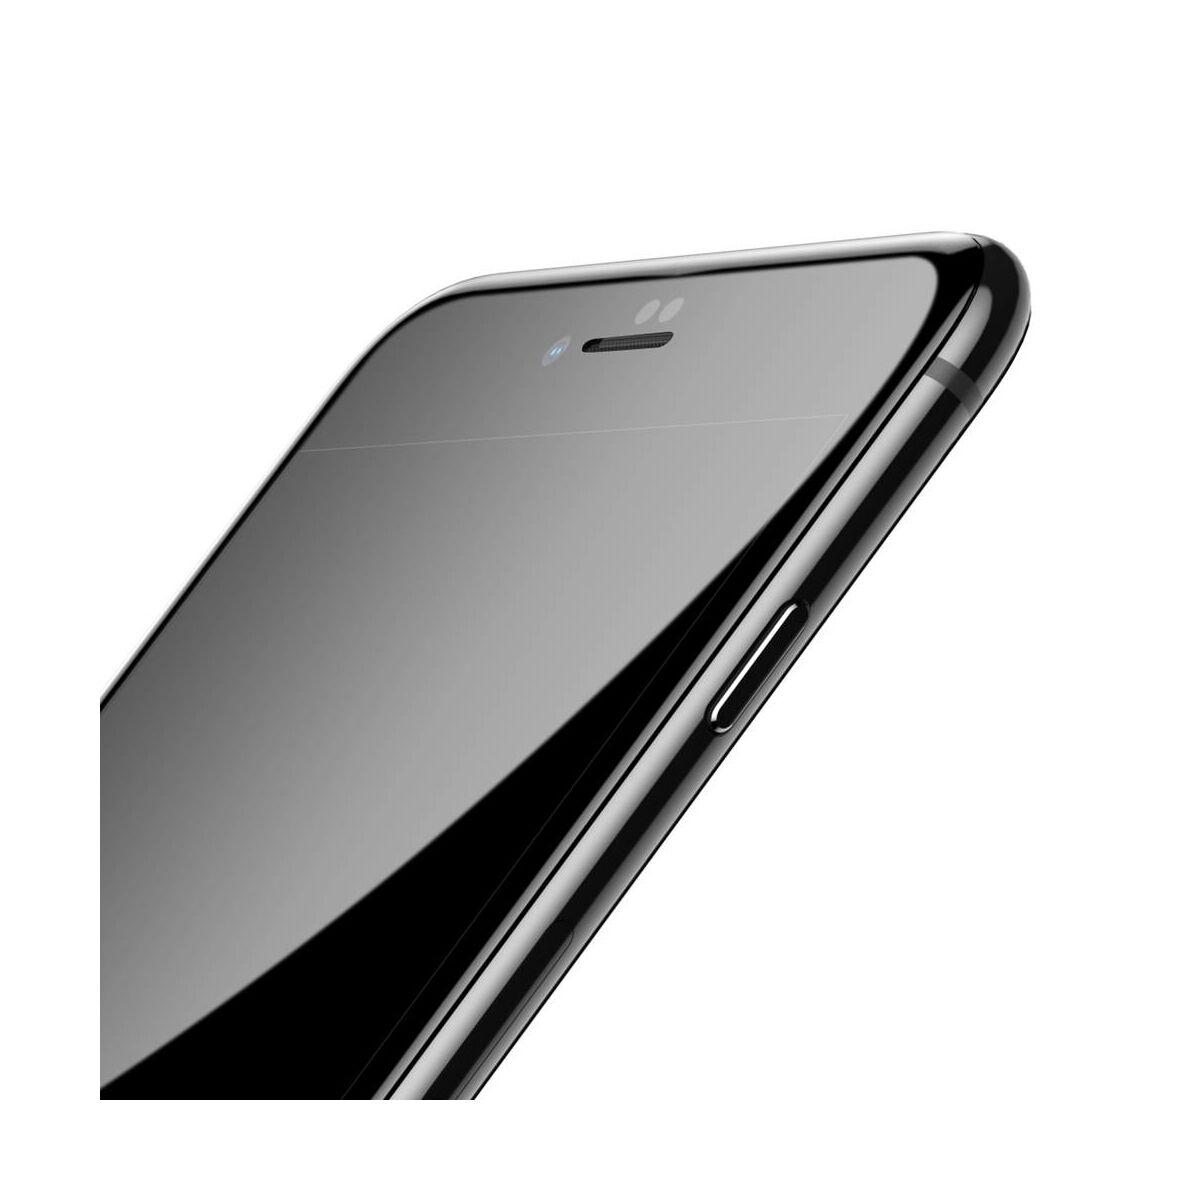 Baseus iPhone 8/7 Plus 0.3 mm, teljes felületre edzett üveg kijelzővédő fólia, fekete (SGAPIPH8P-KA01)